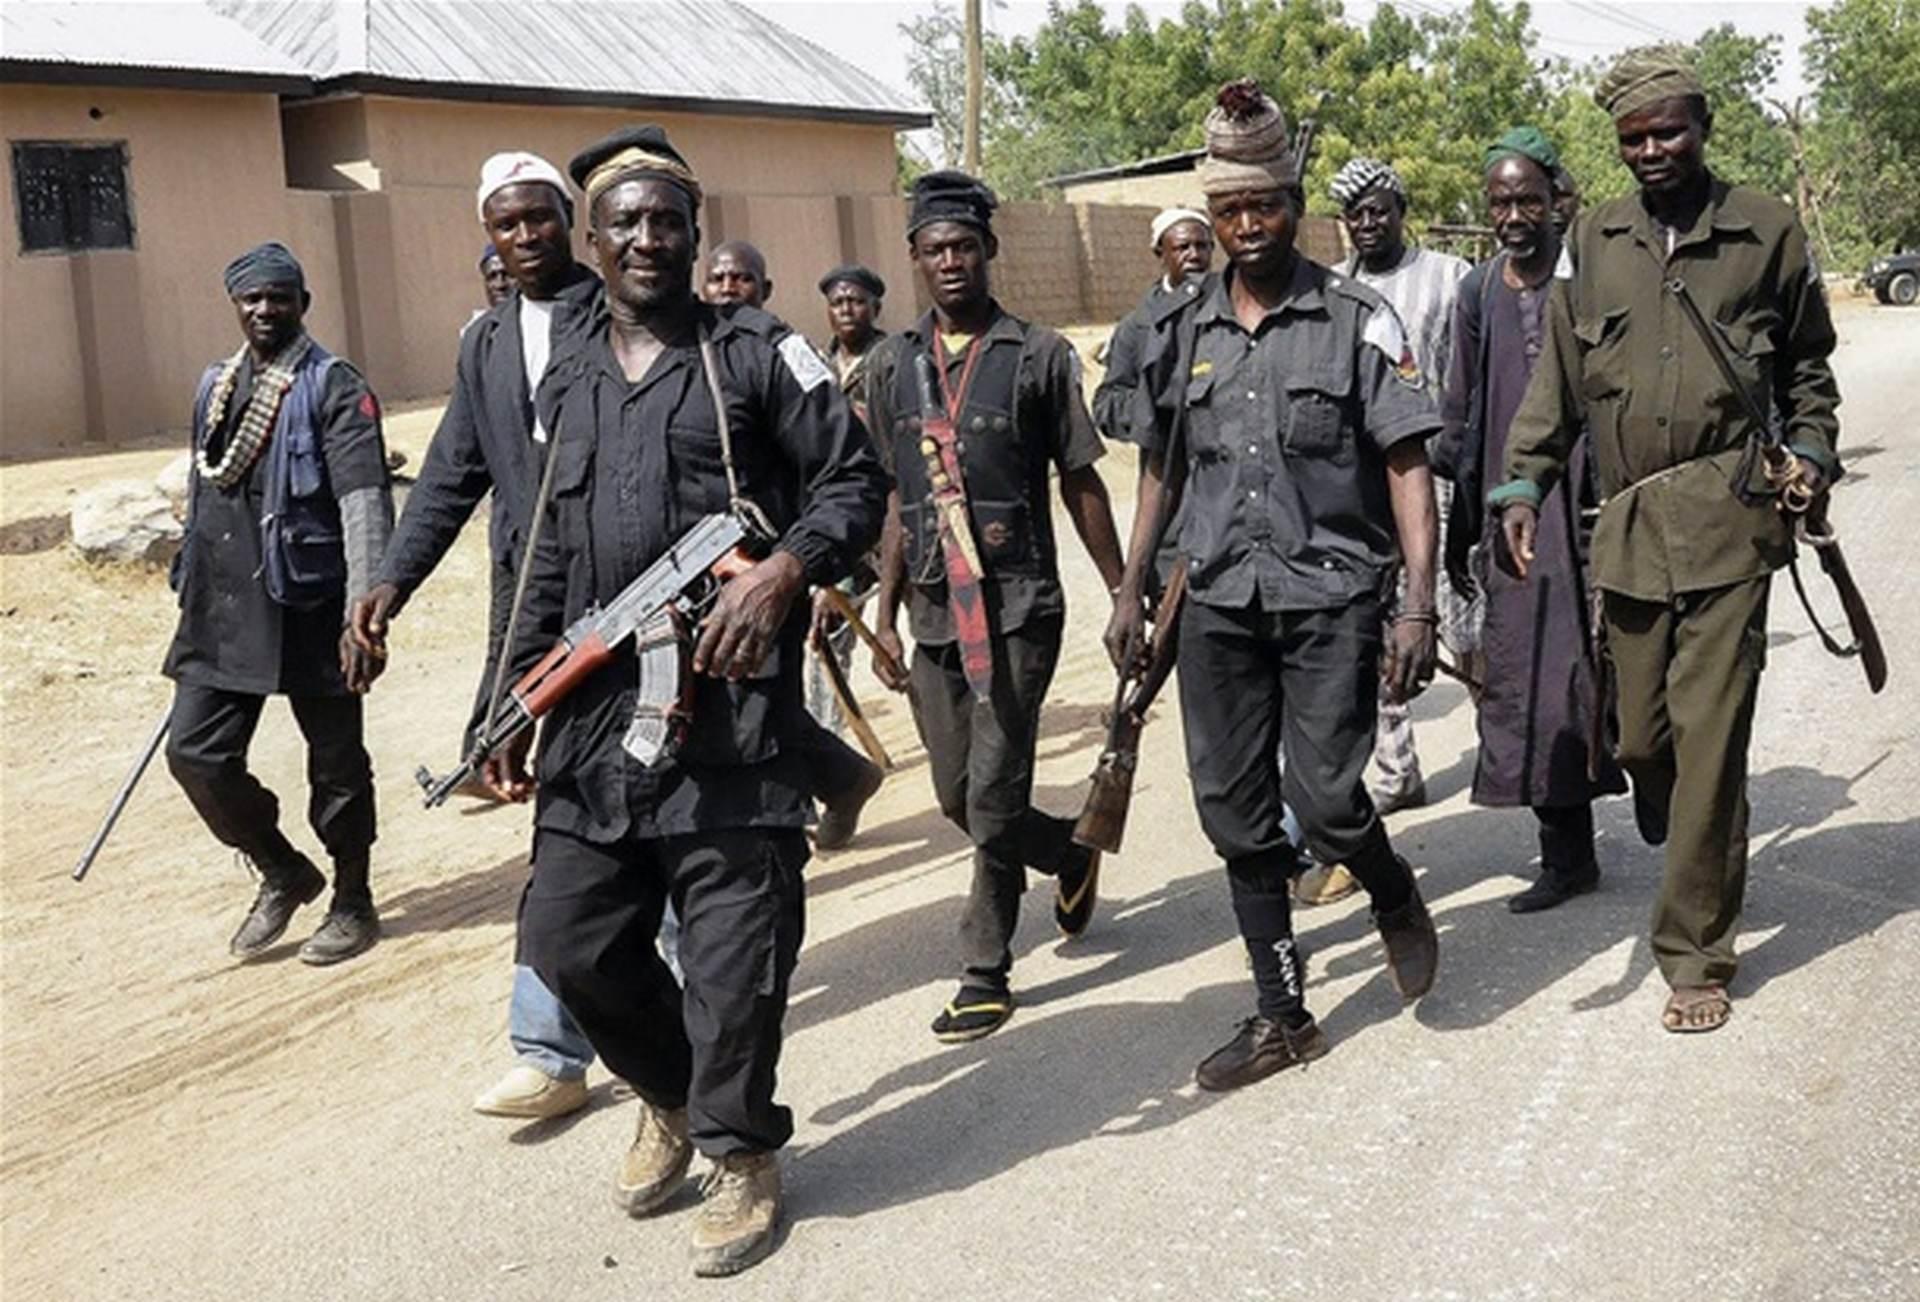 JEDNA OD NAJMASOVNIJIH PREDAJA 200 militanata Boko Harama predalo se nigerijskoj vojsci